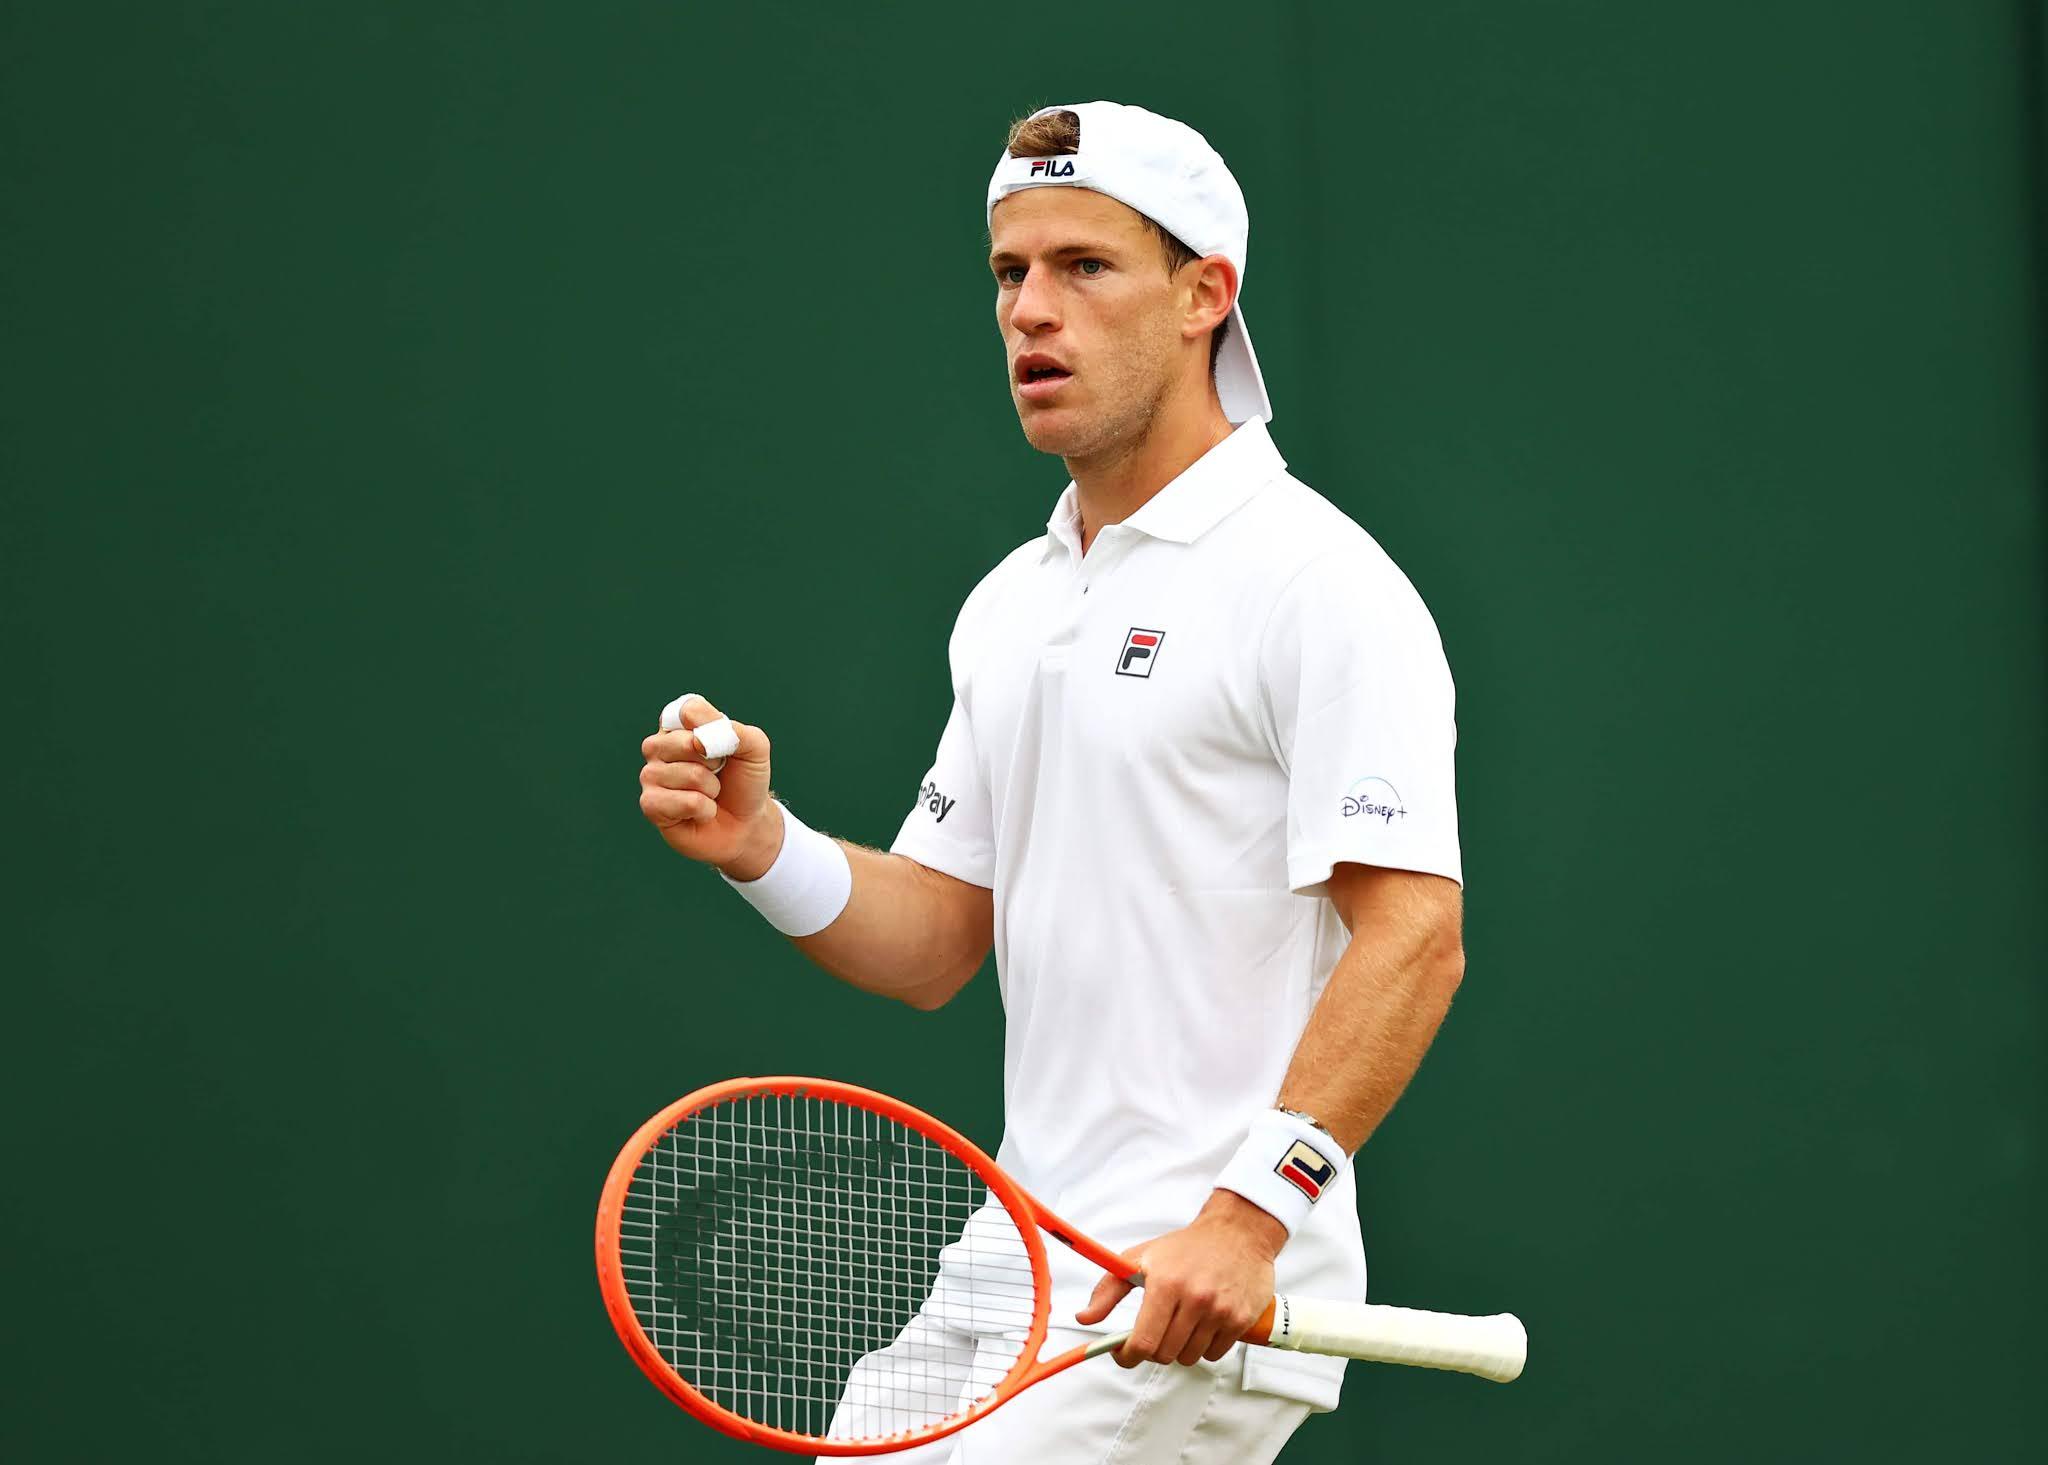 Schwartzman venció a Liam Broady y avanzó a la tercera ronda en Wimbledon